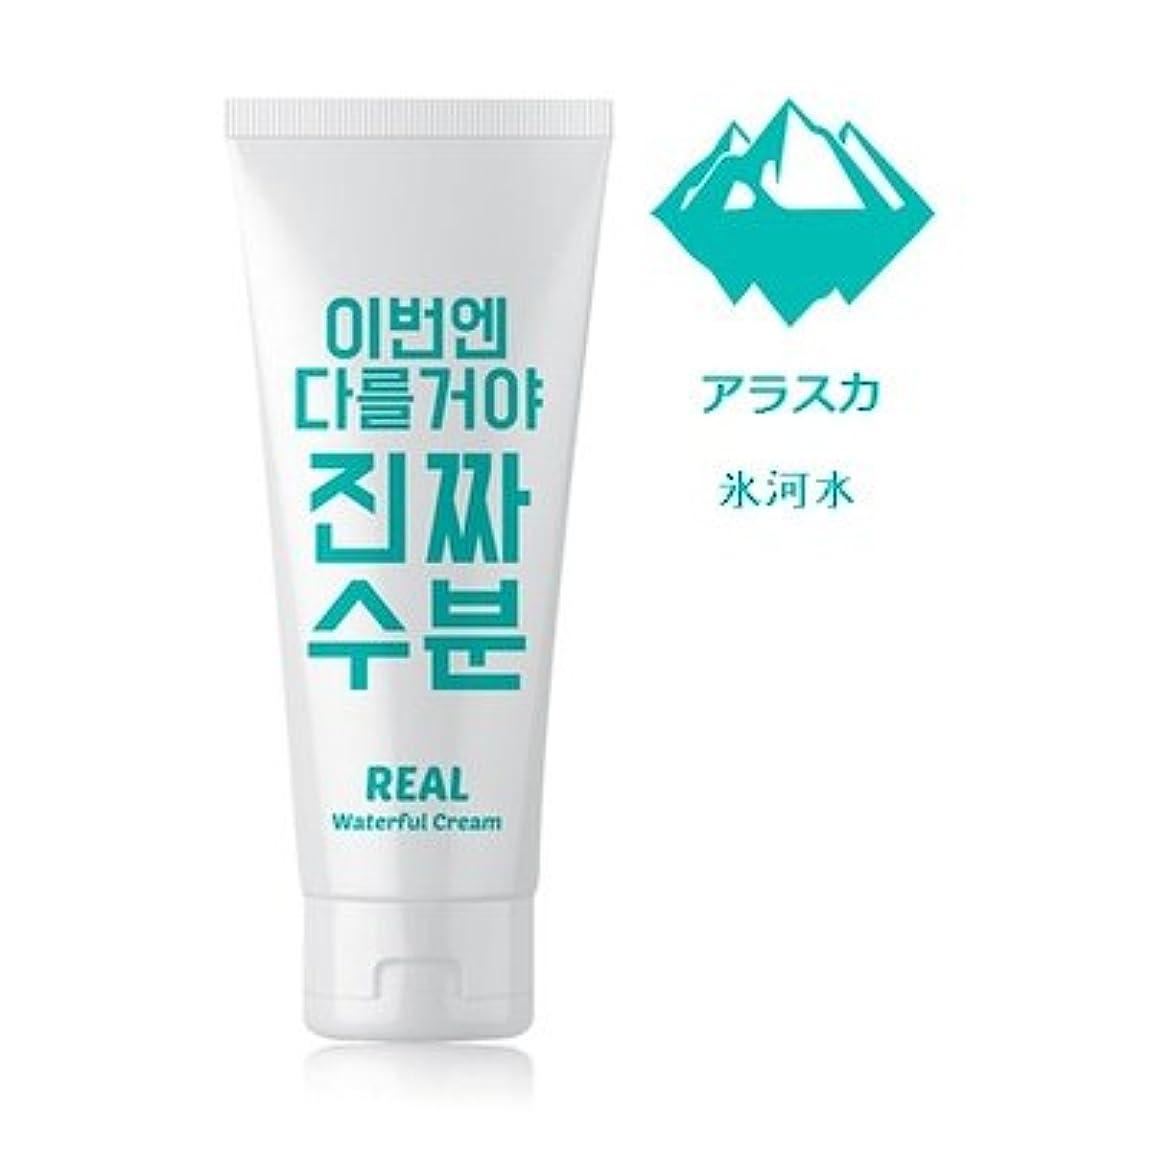 初期の保安繁栄するJaminkyung Real Waterful Cream/孜民耕 [ジャミンギョン] 今度は違うぞ本当の水分クリーム 200ml [並行輸入品]